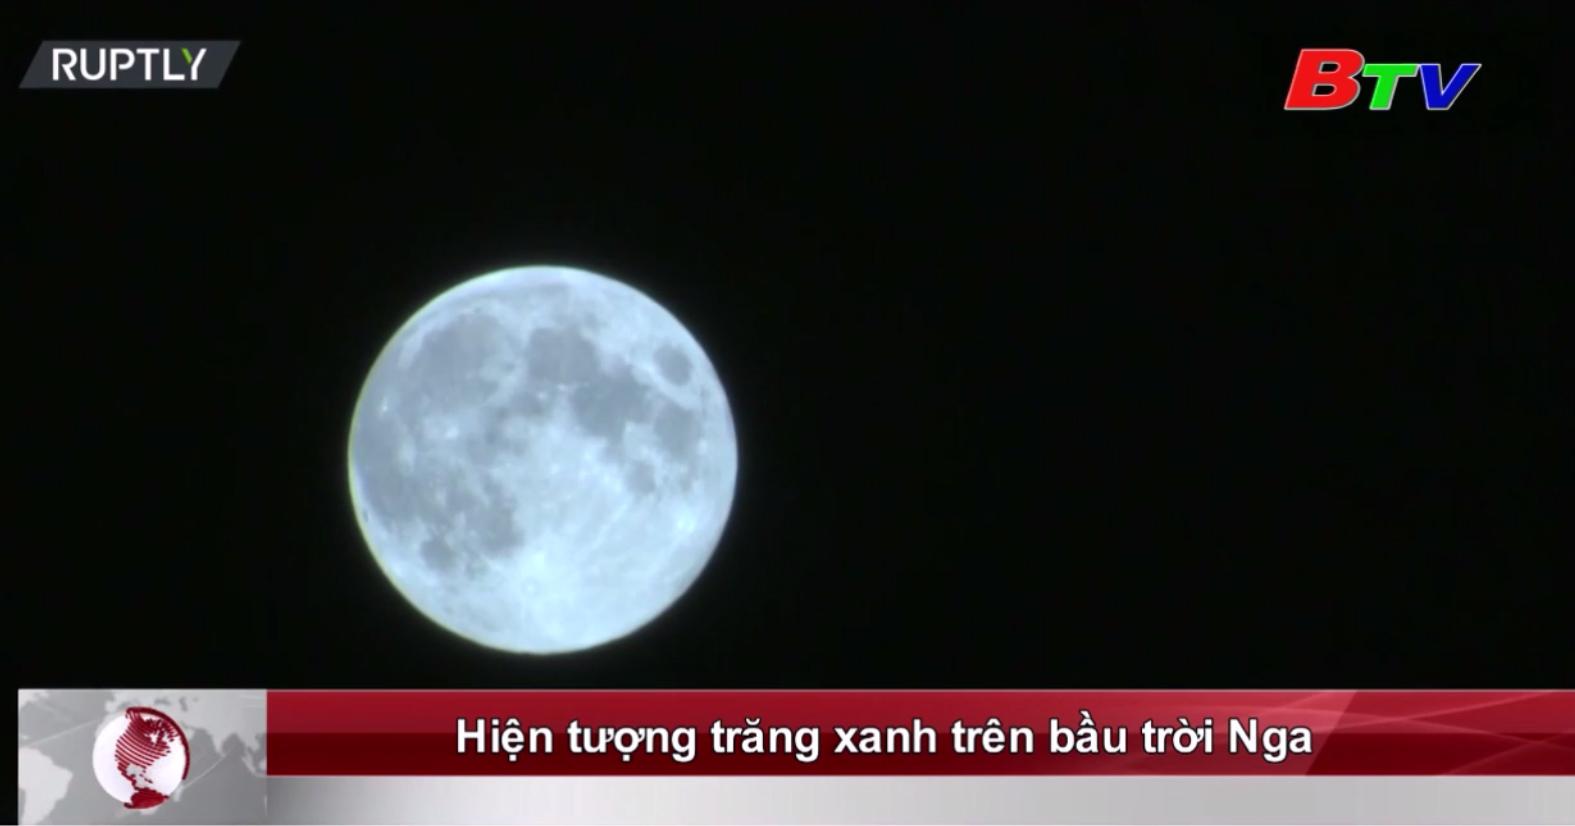 Hiện tượng trăng xanh trên bầu trời Nga